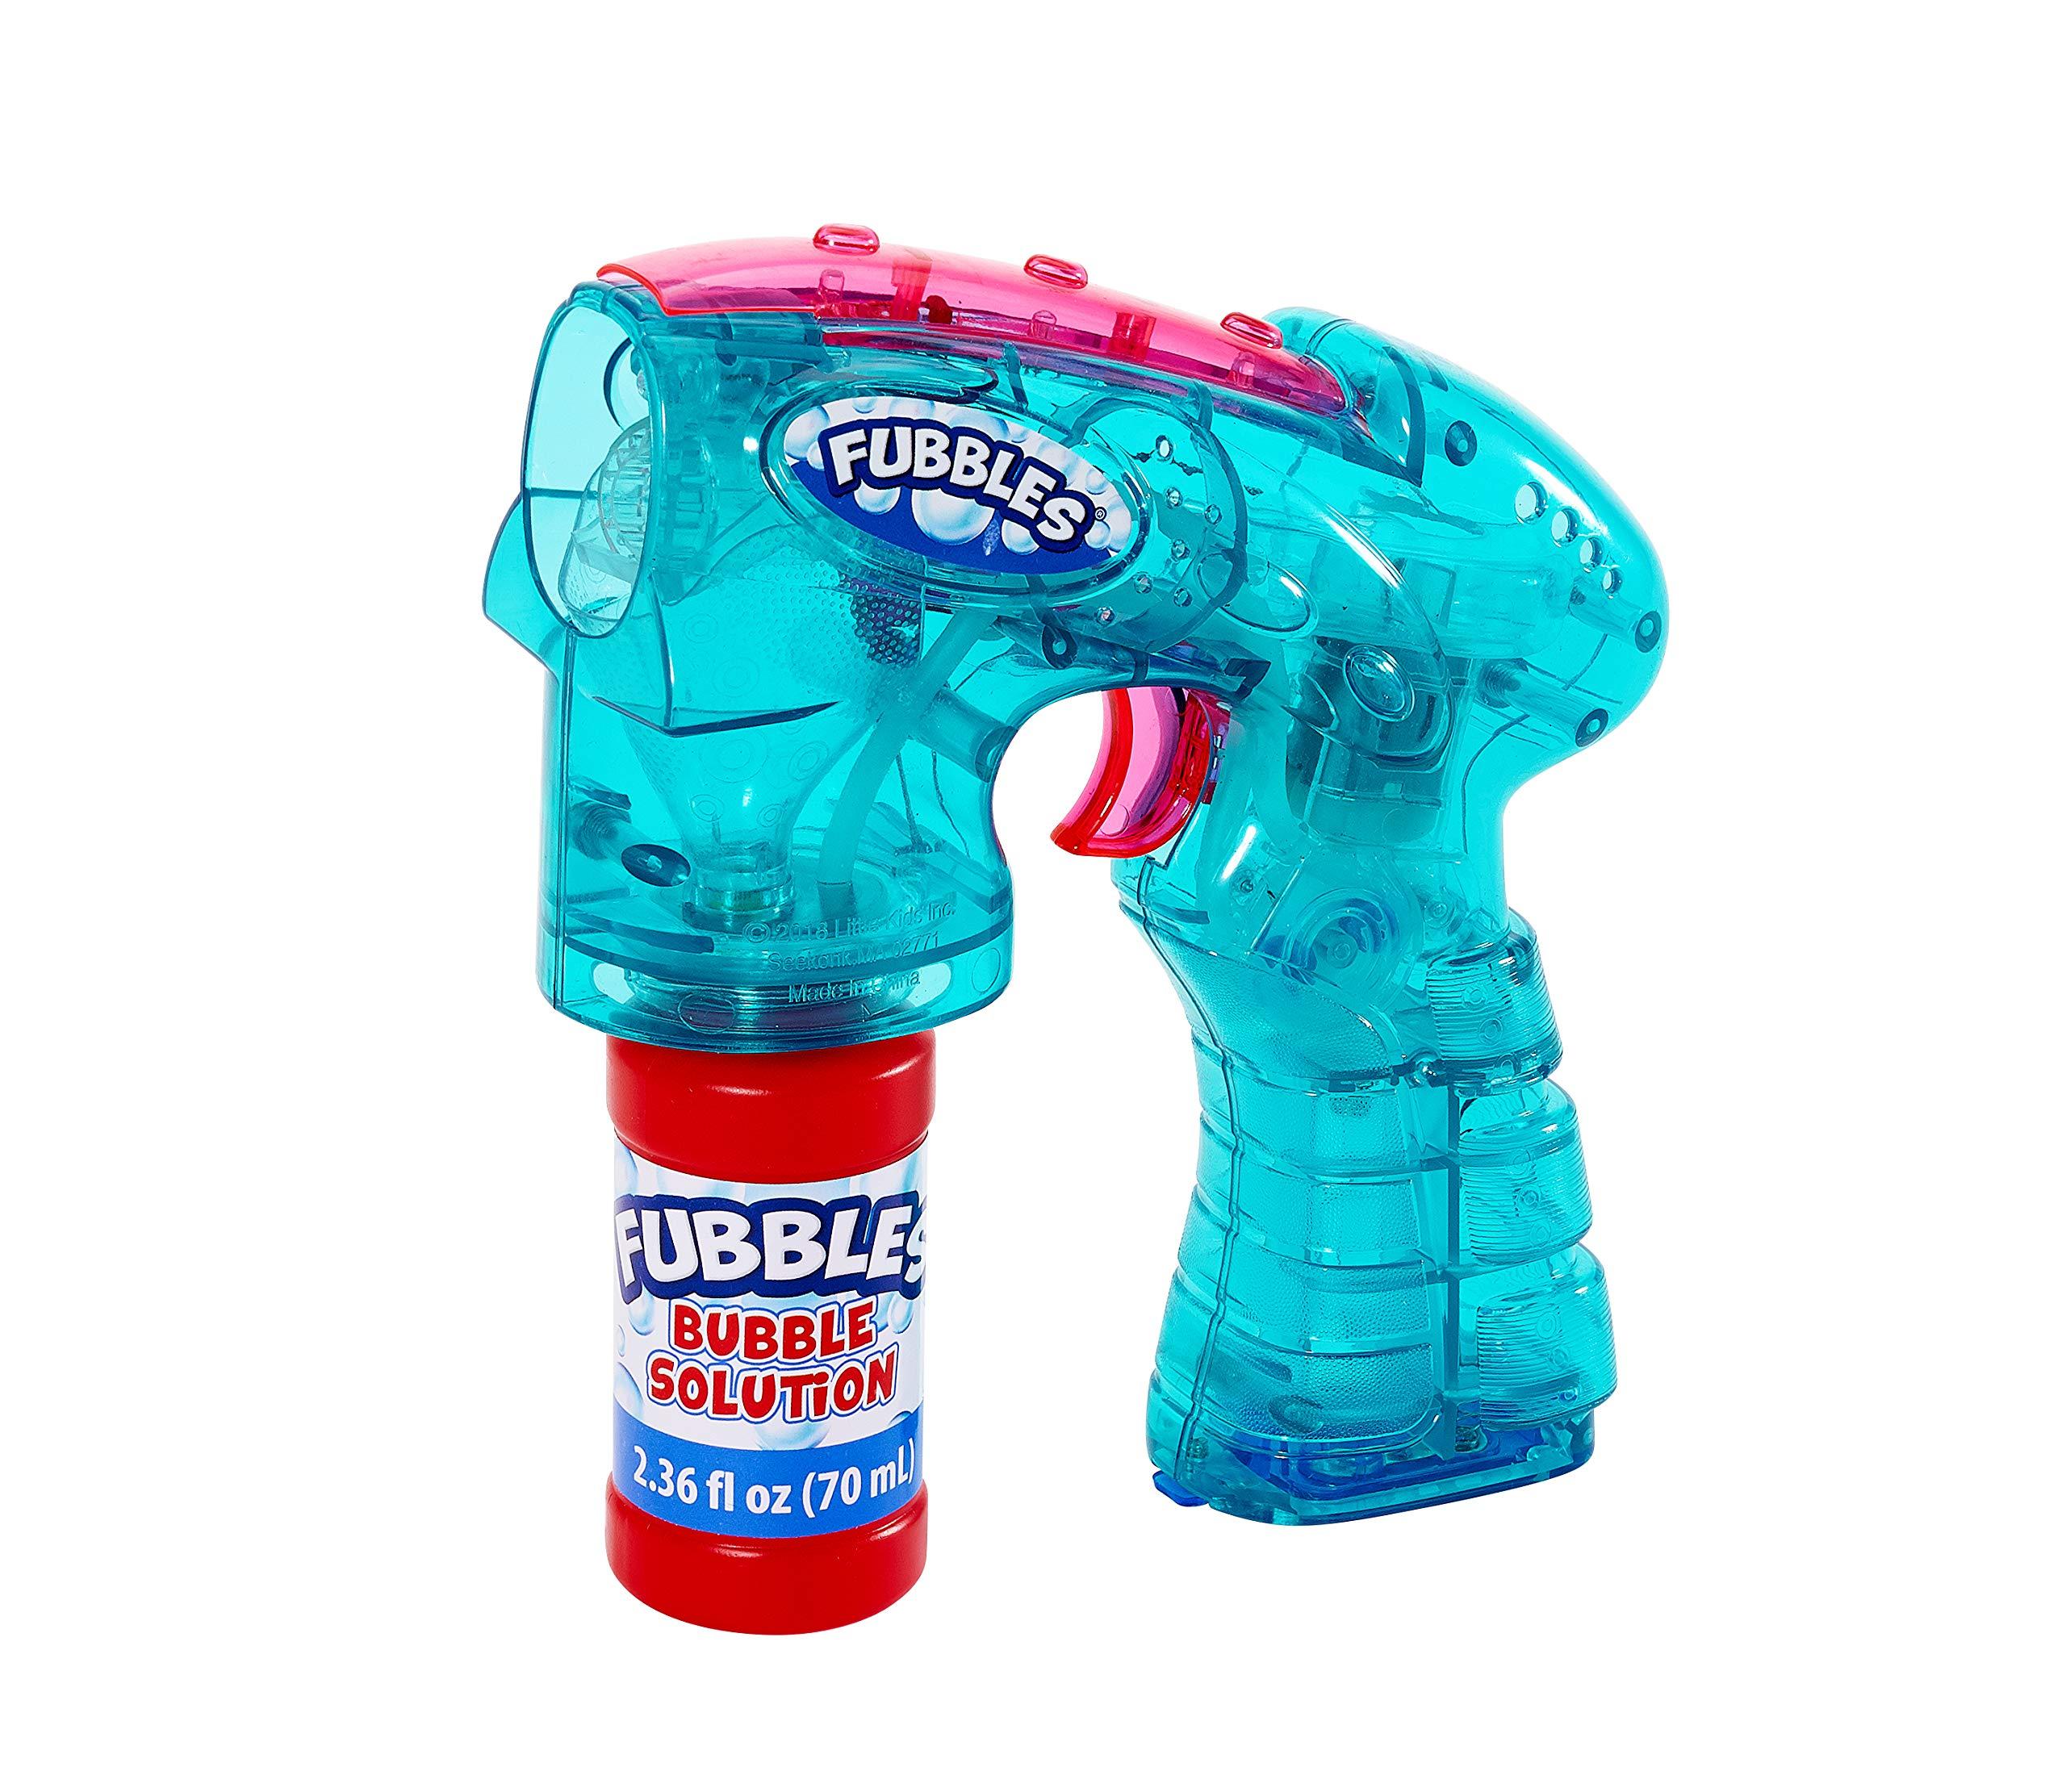 Little Kids Fubbles Light Up Bubble Blaster Blows Tons of Bubbles for Kids Includes Bubble Solution, Teal